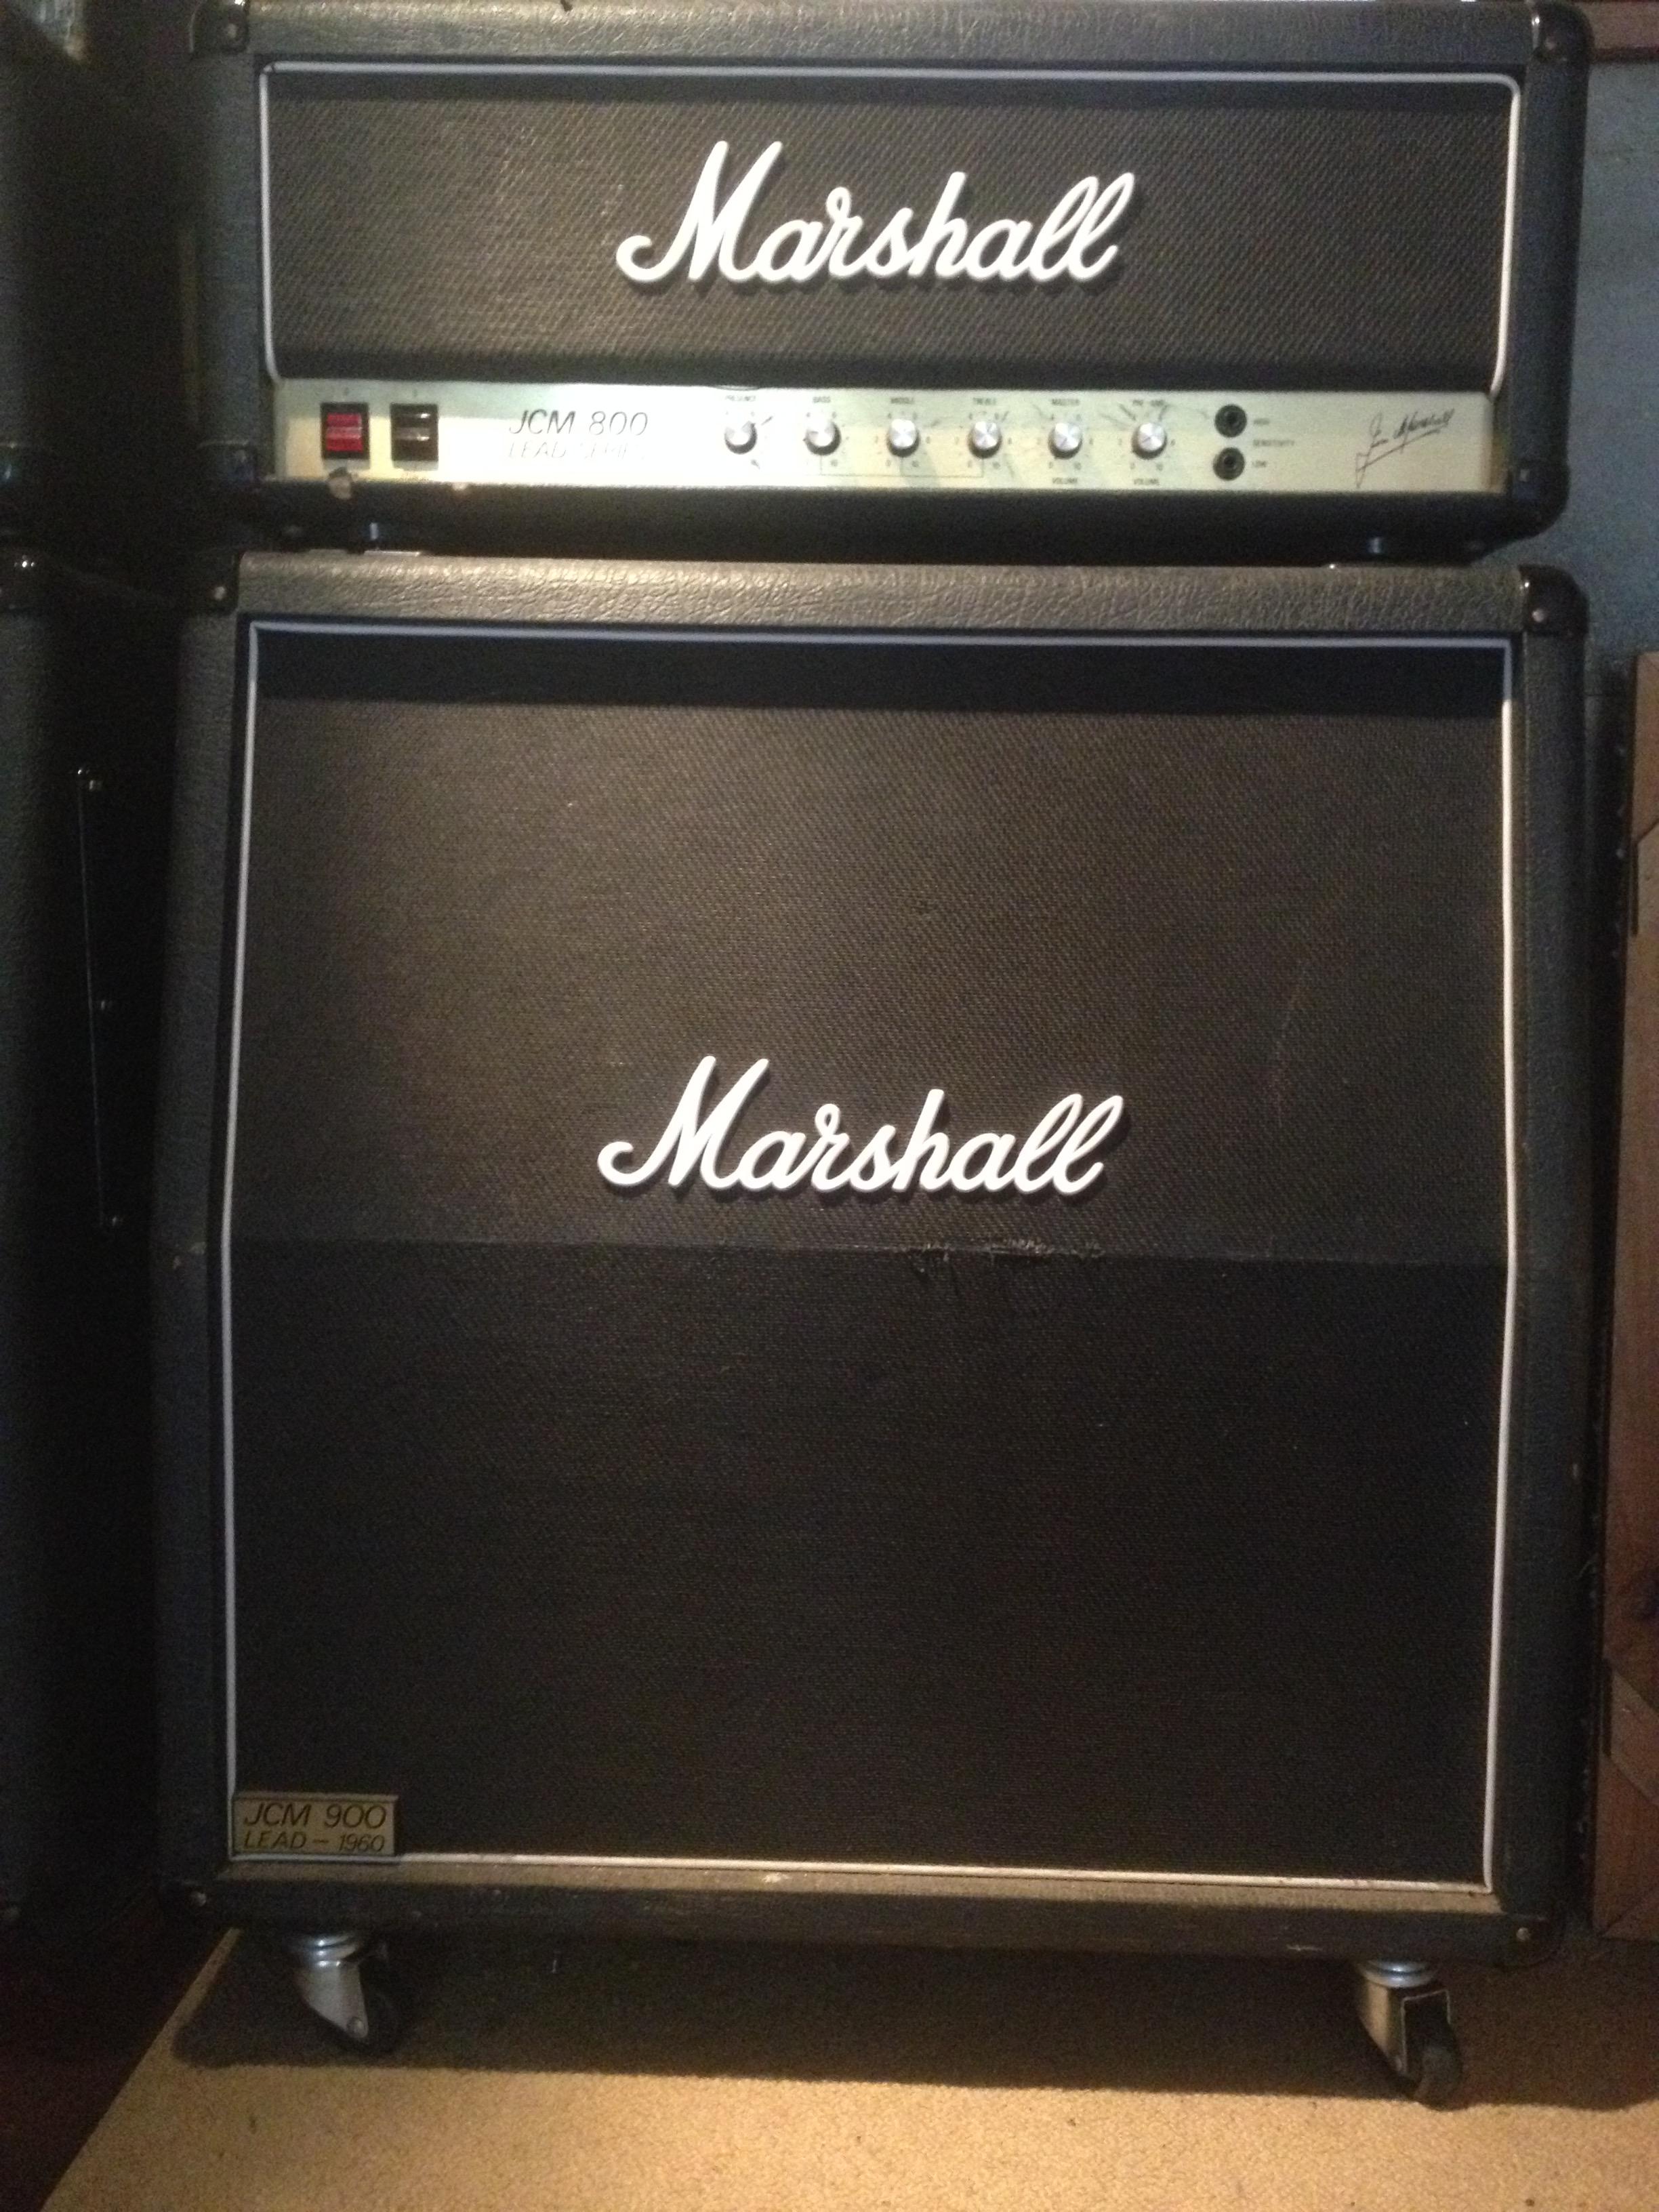 marshall 2203 jcm800 master volume lead 100w bafle jcm. Black Bedroom Furniture Sets. Home Design Ideas